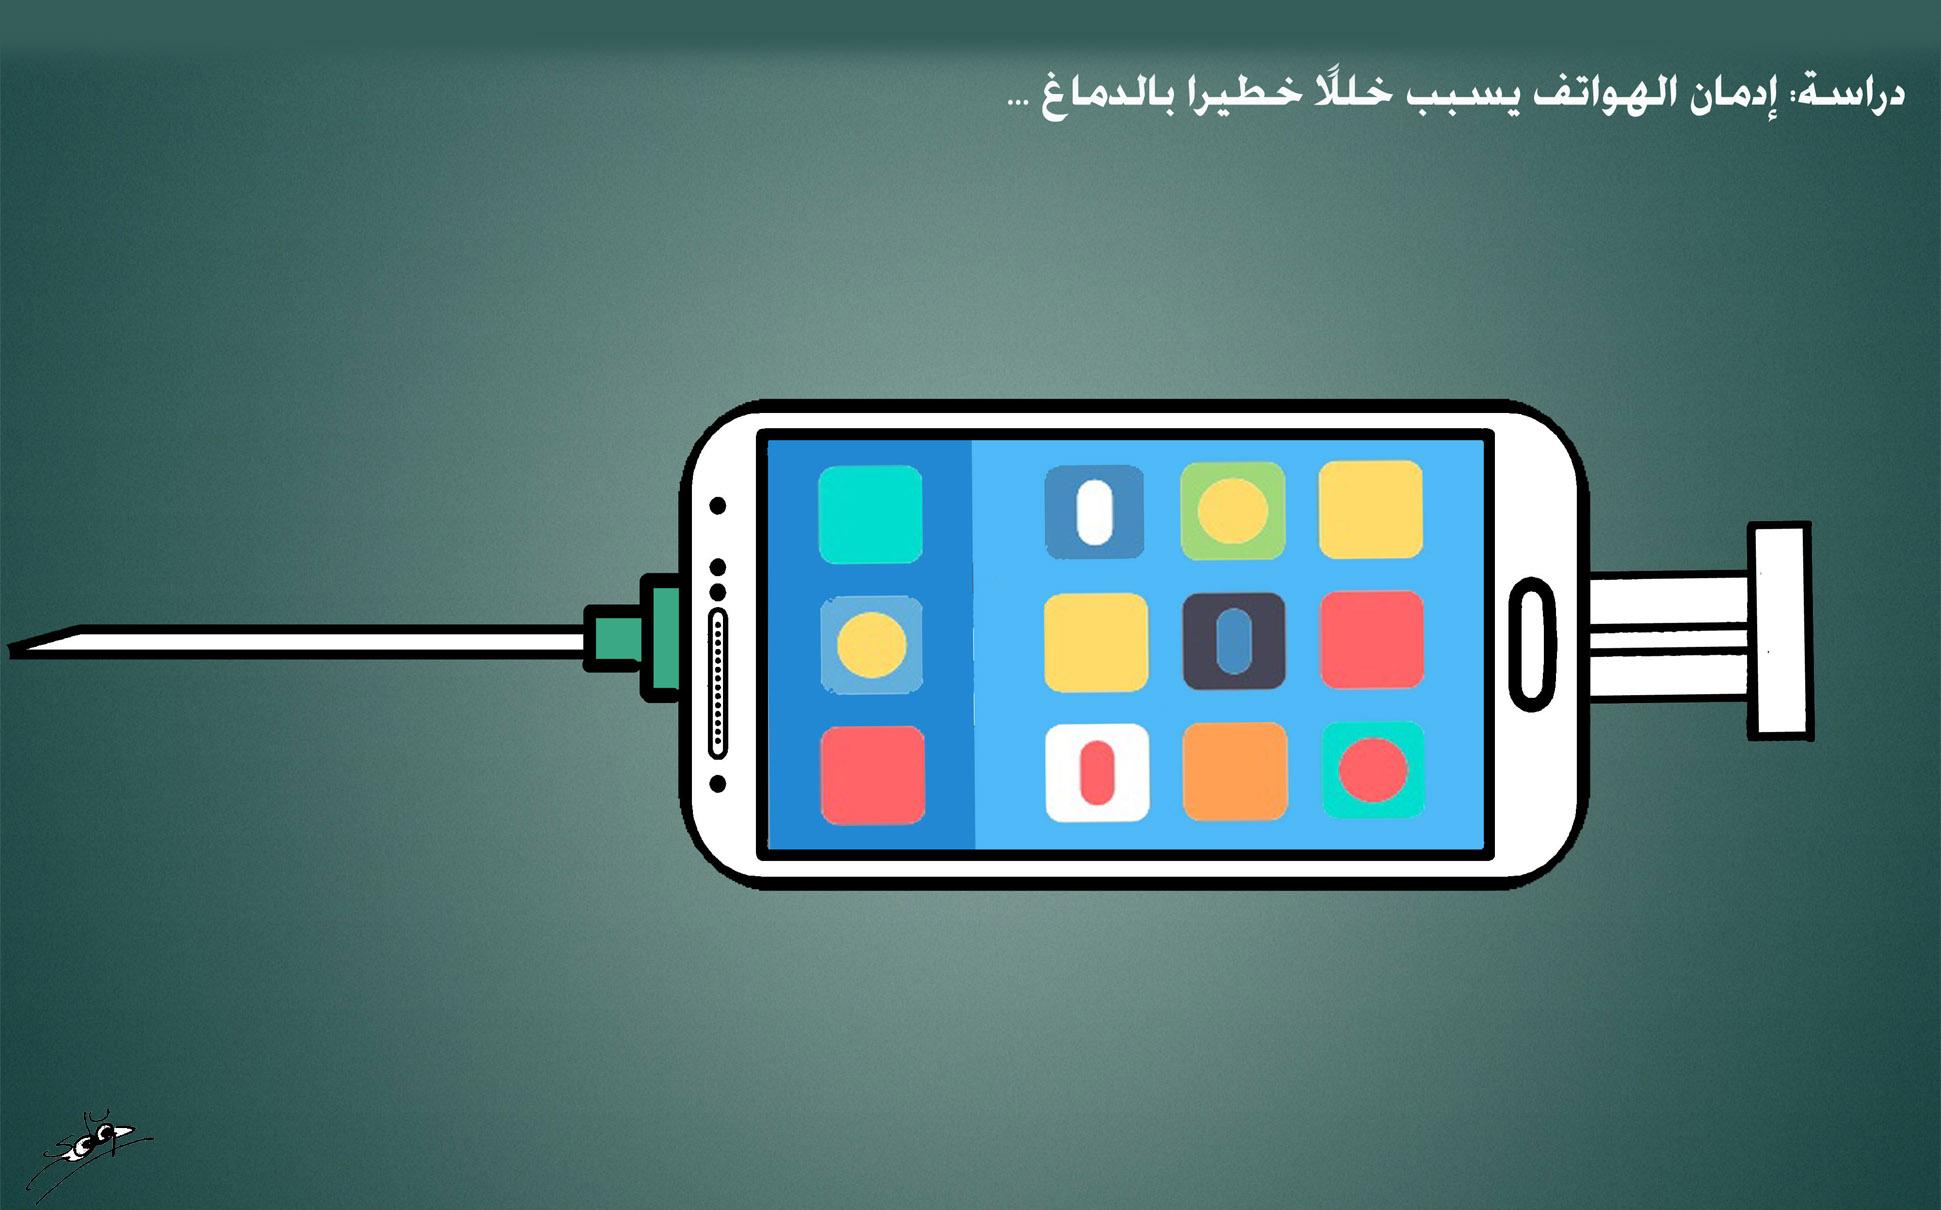 ادمان الهواتف الذكية